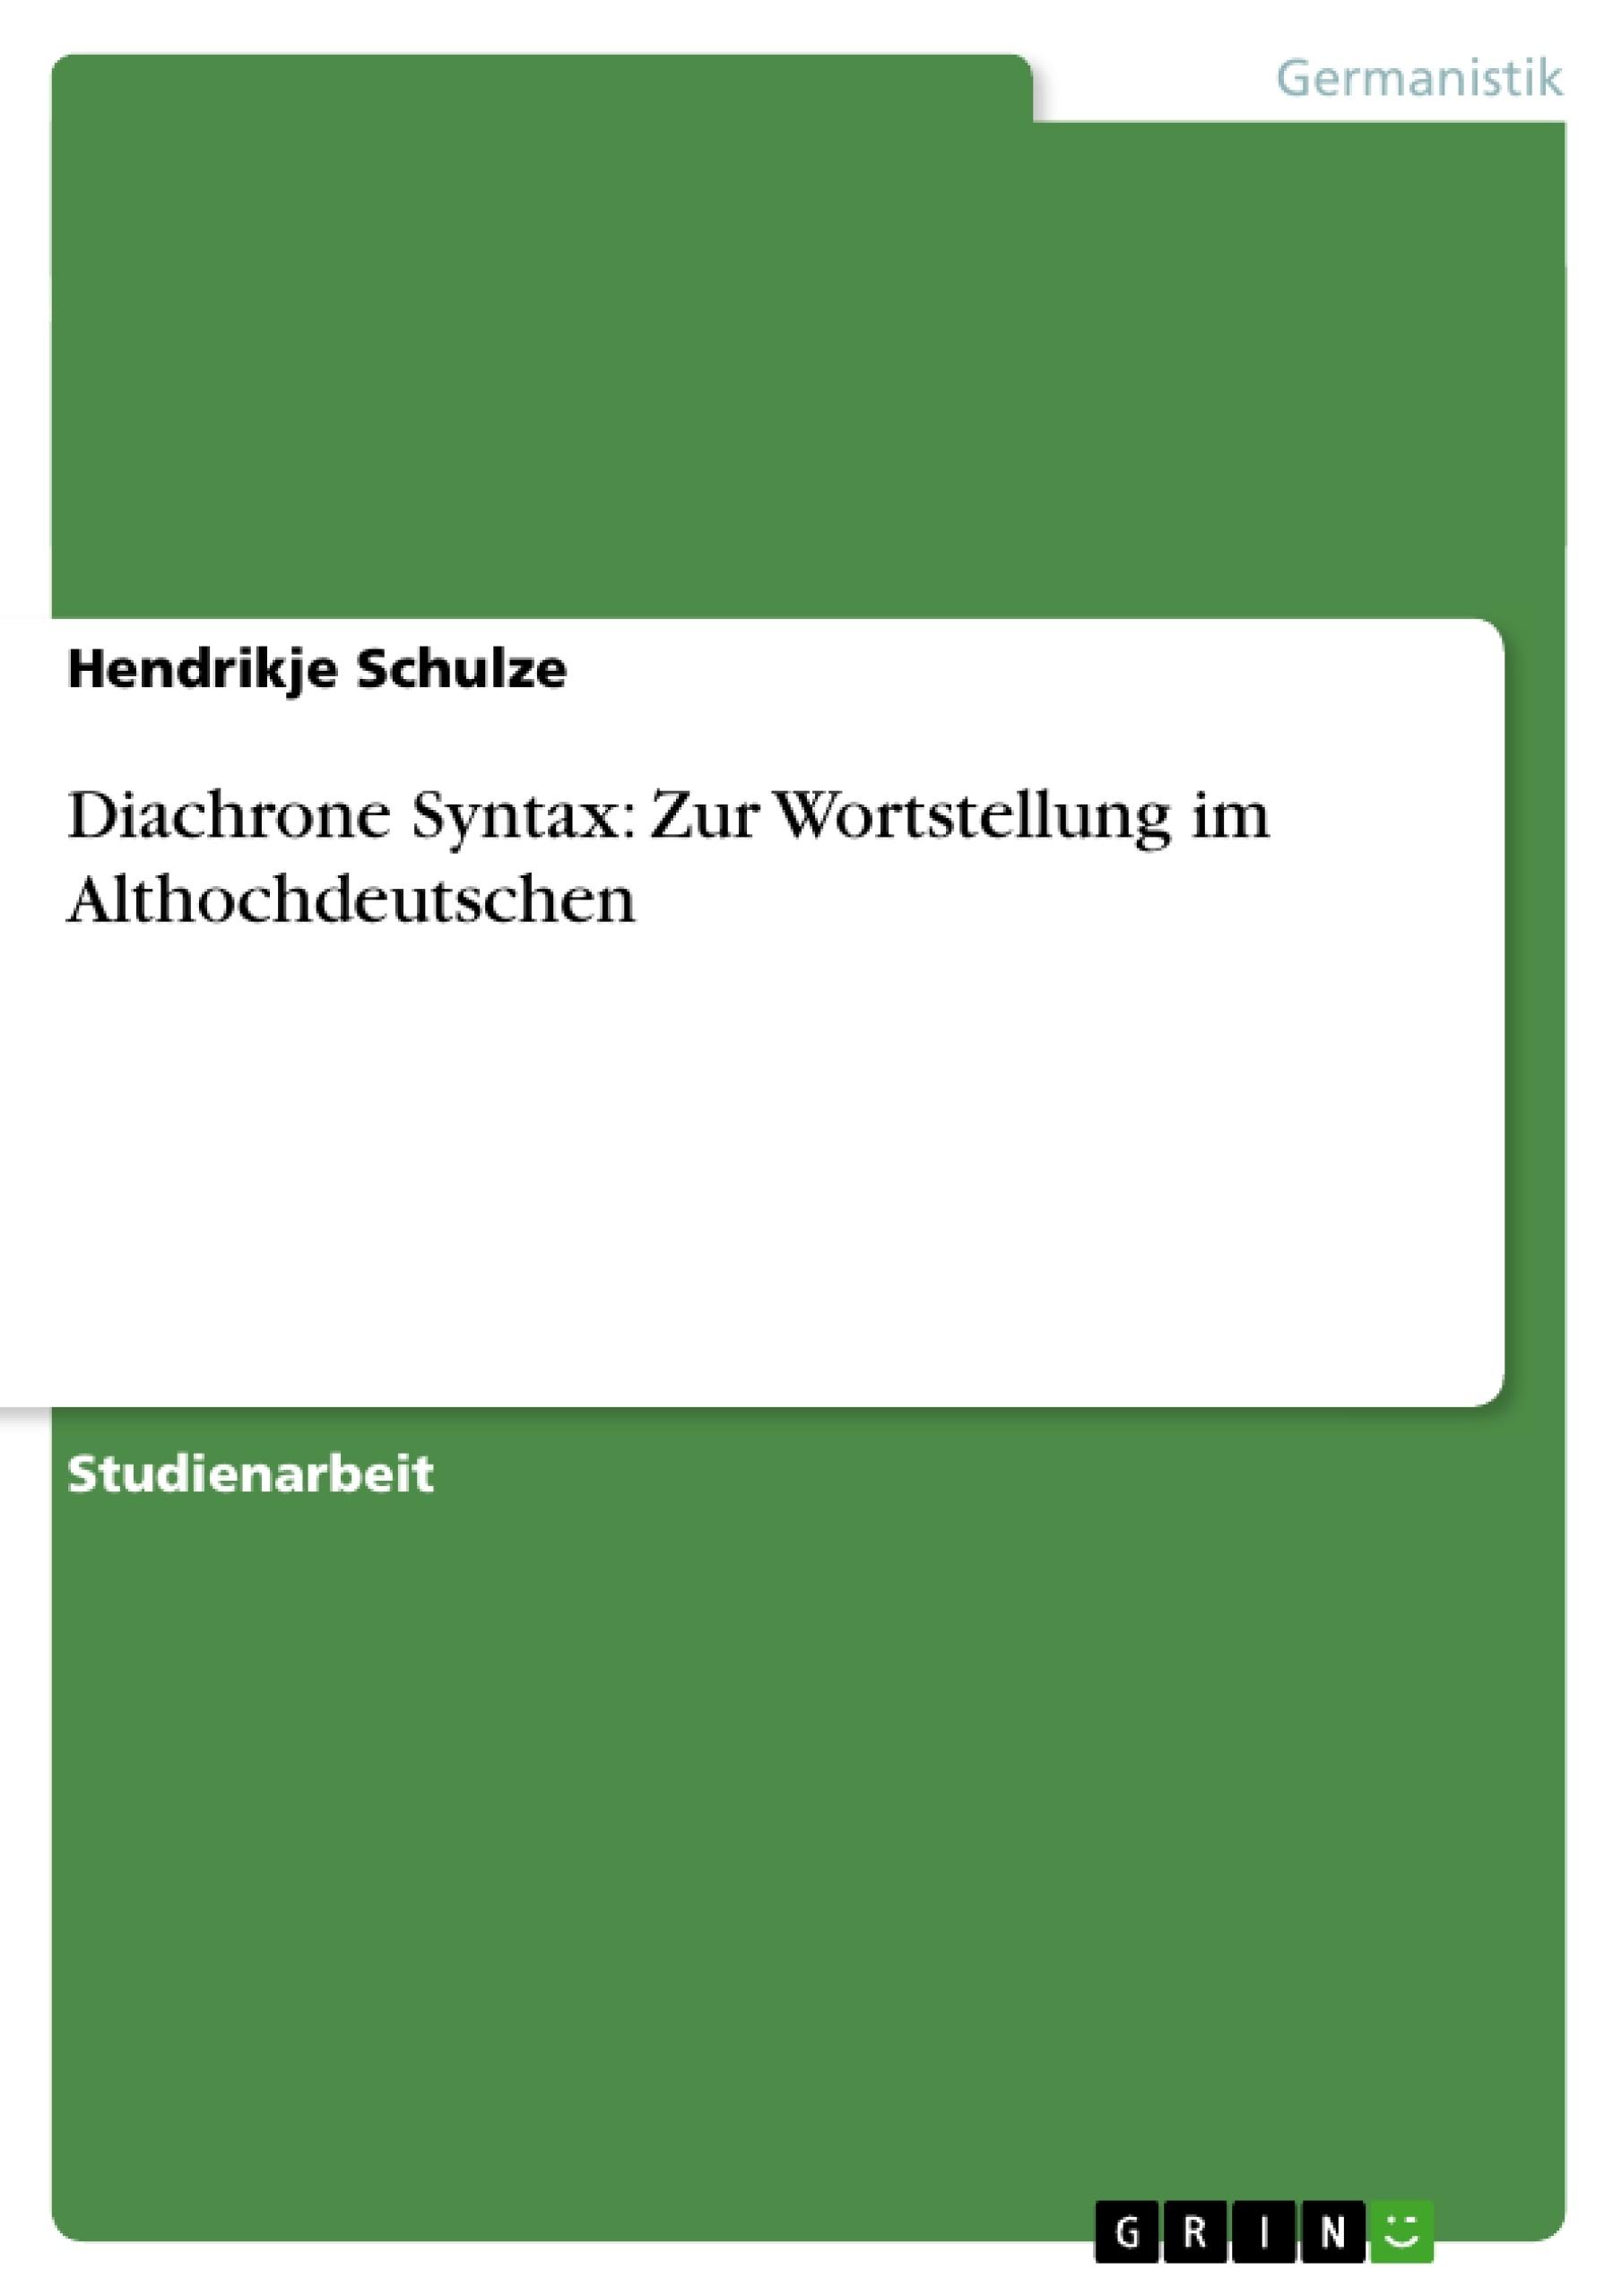 Titel: Diachrone Syntax: Zur Wortstellung im Althochdeutschen